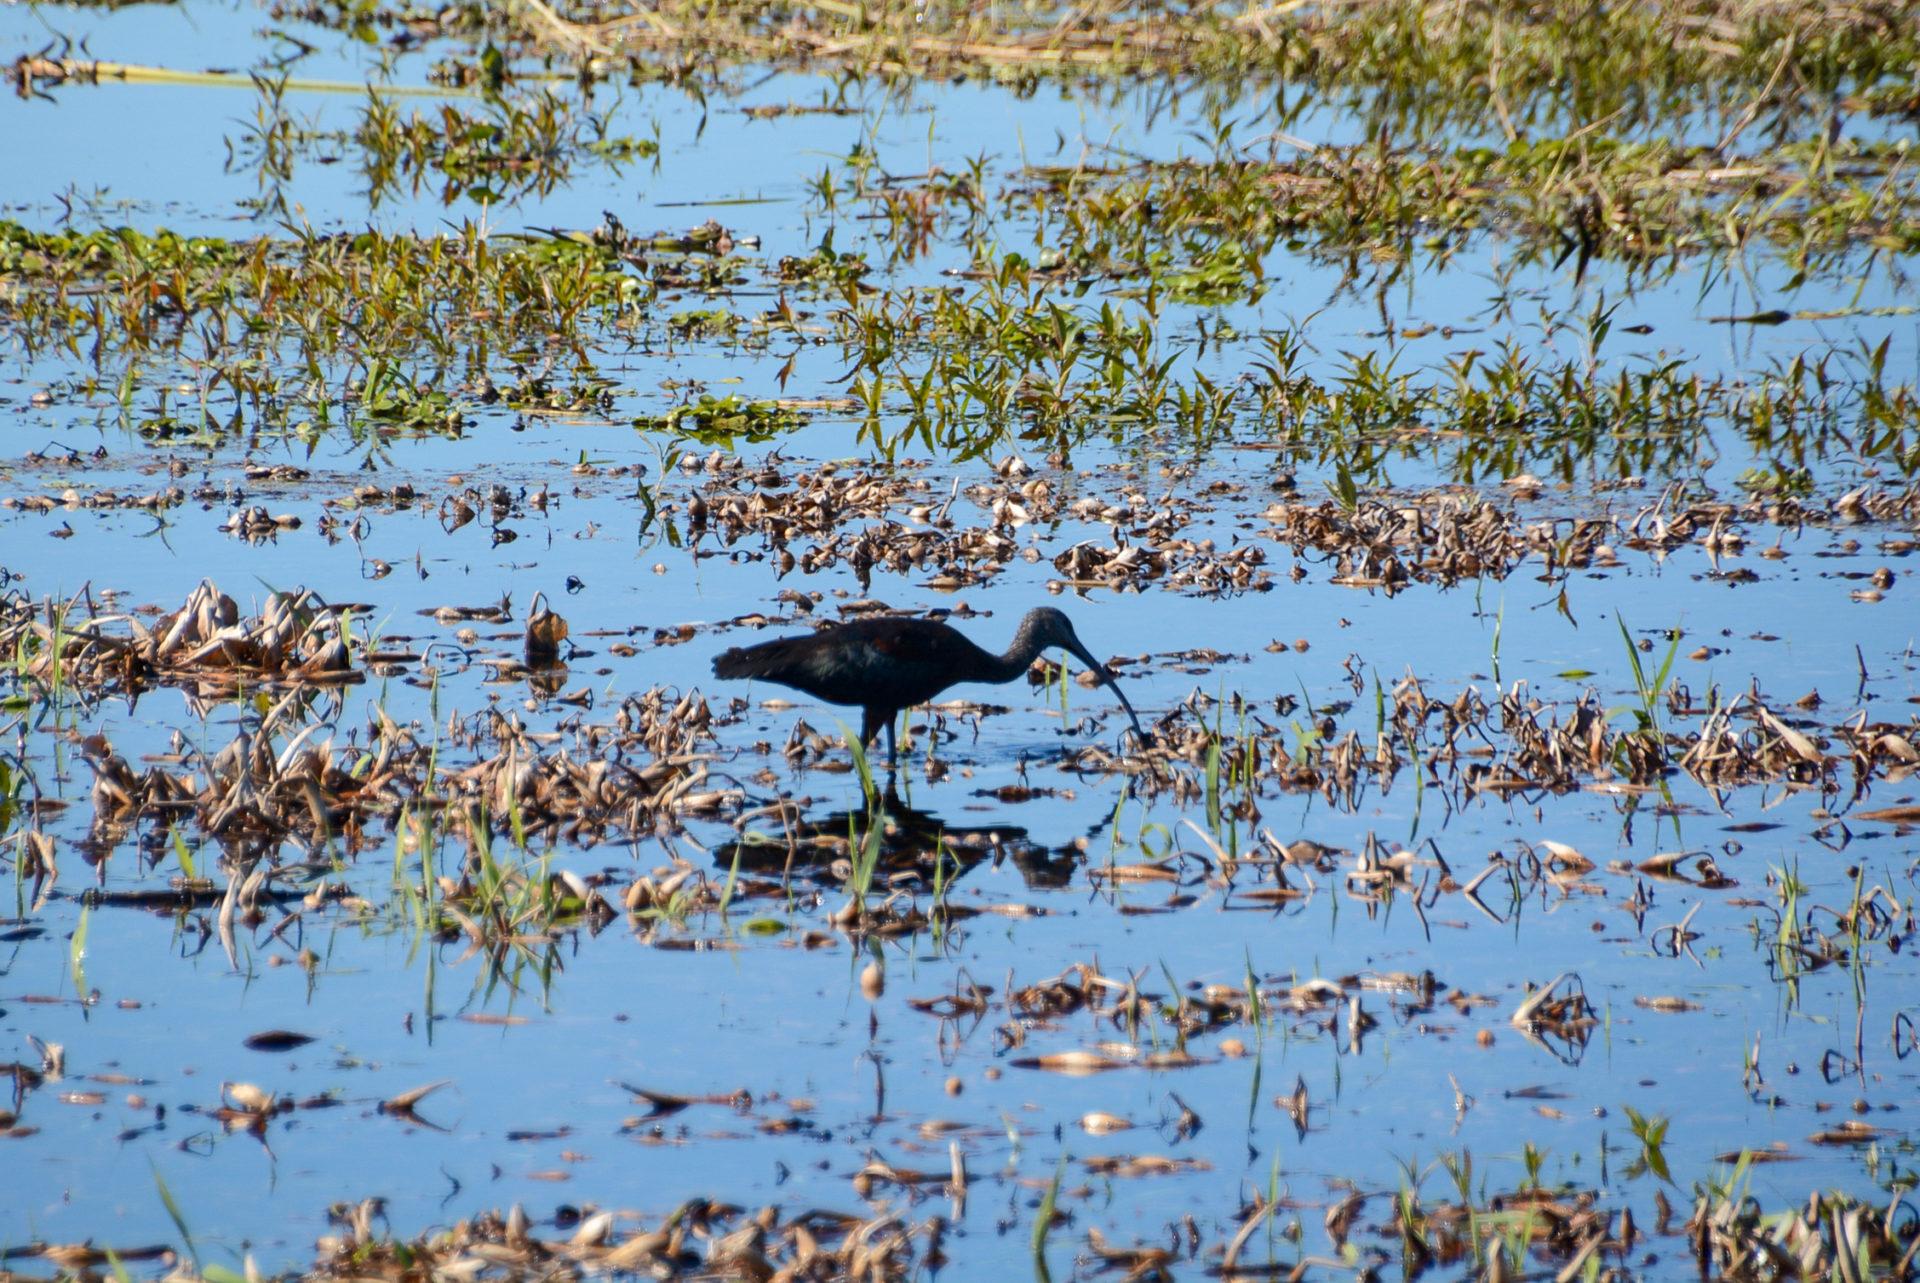 Ein Ibis stochert im Sumpf des Myakka River auf der Suche nach Nahrung